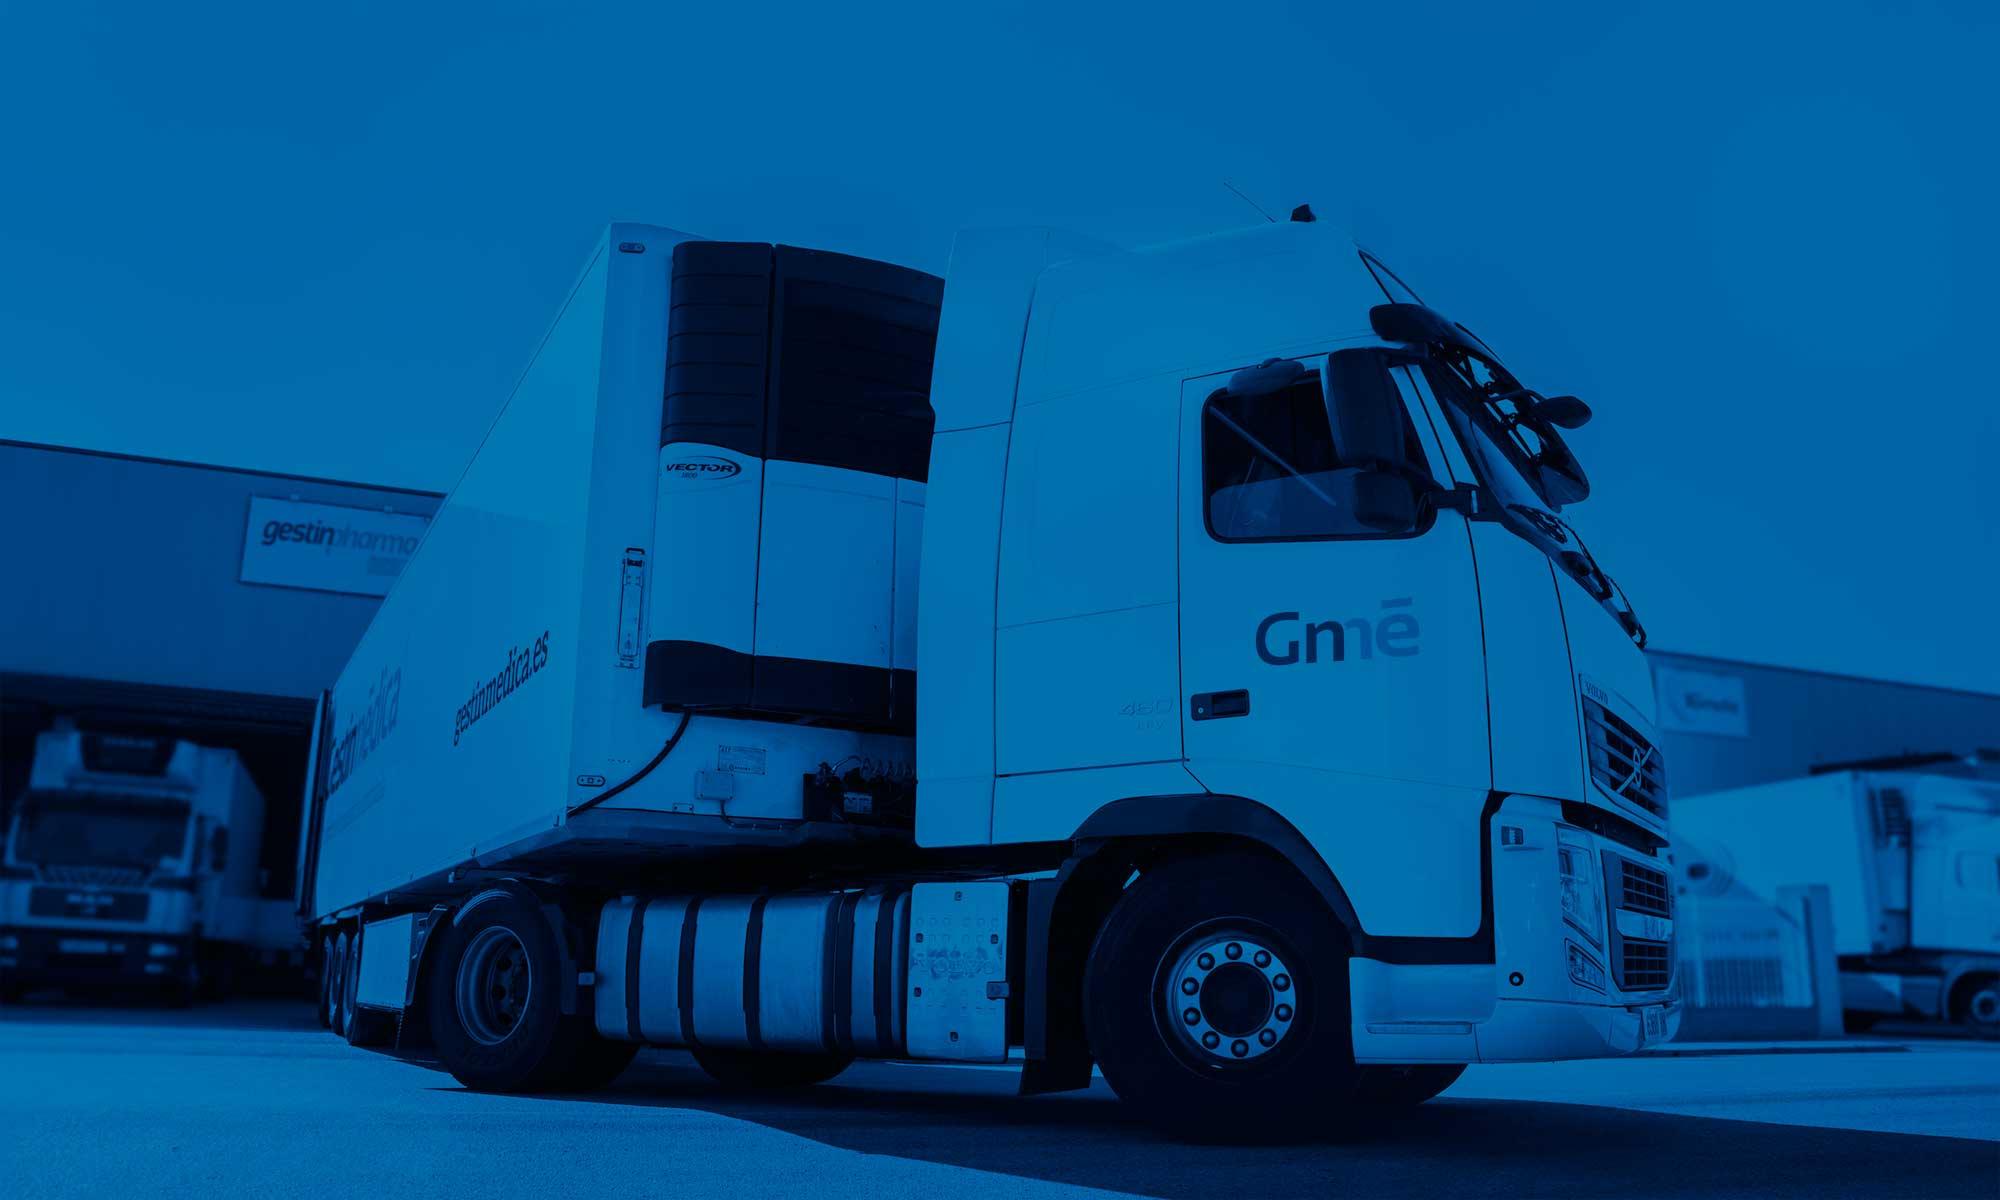 Gestinmedica-transporte-en-camion-frigo_BNR_blue